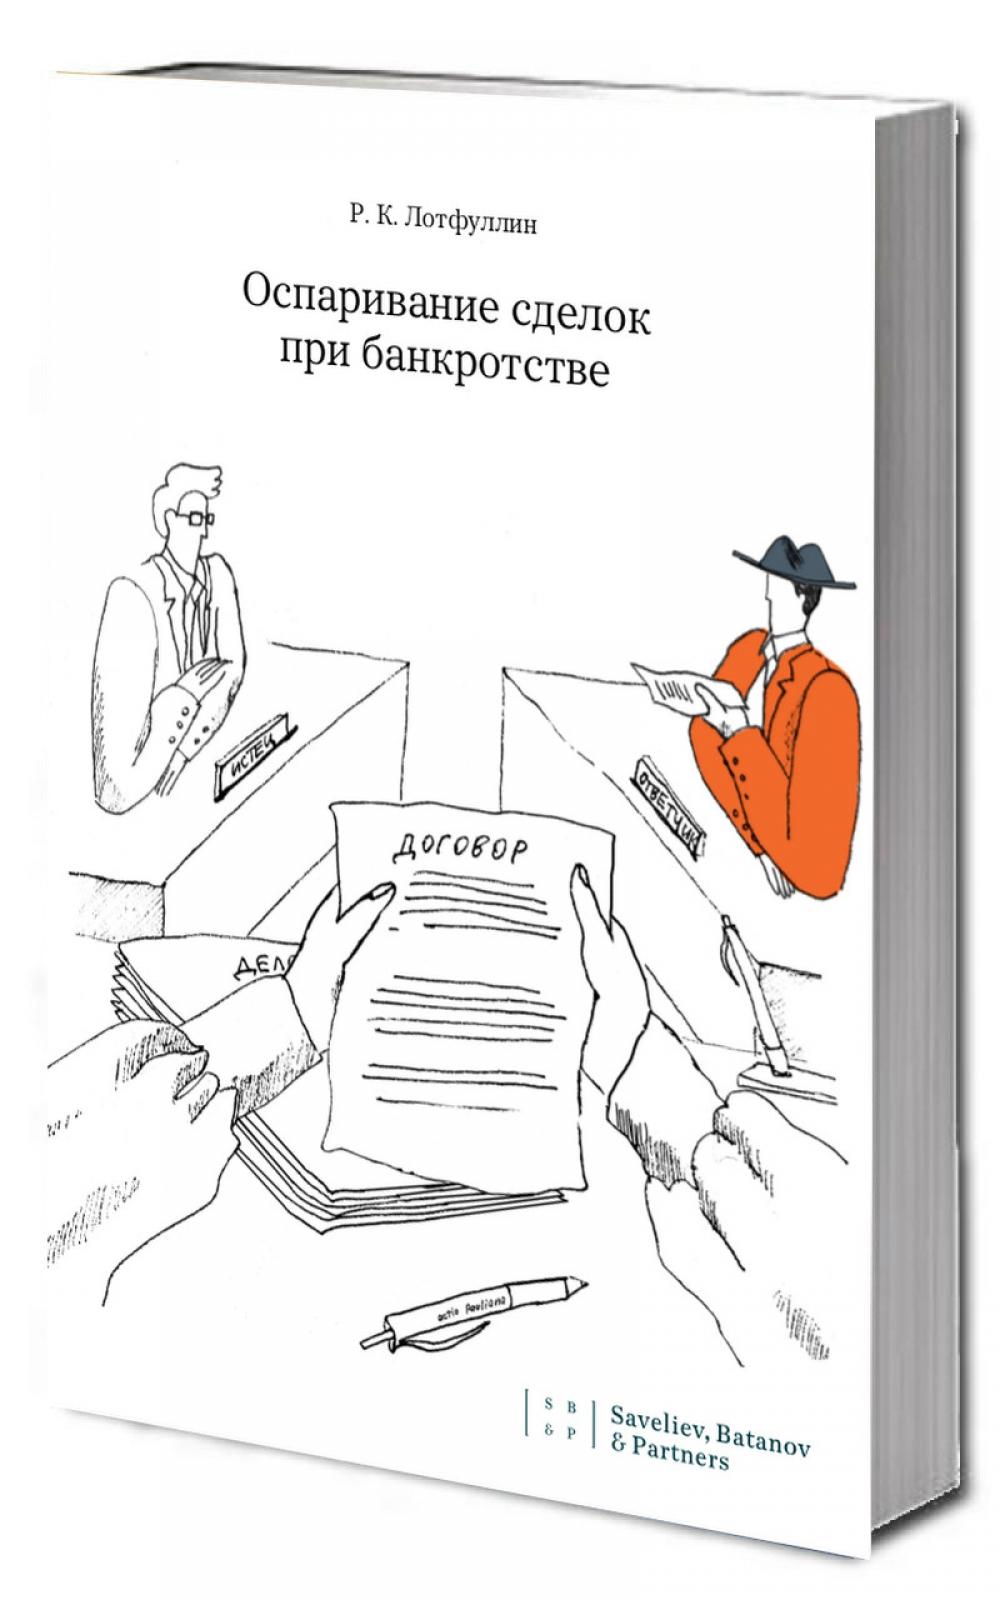 оспаривание договоров при банкротстве